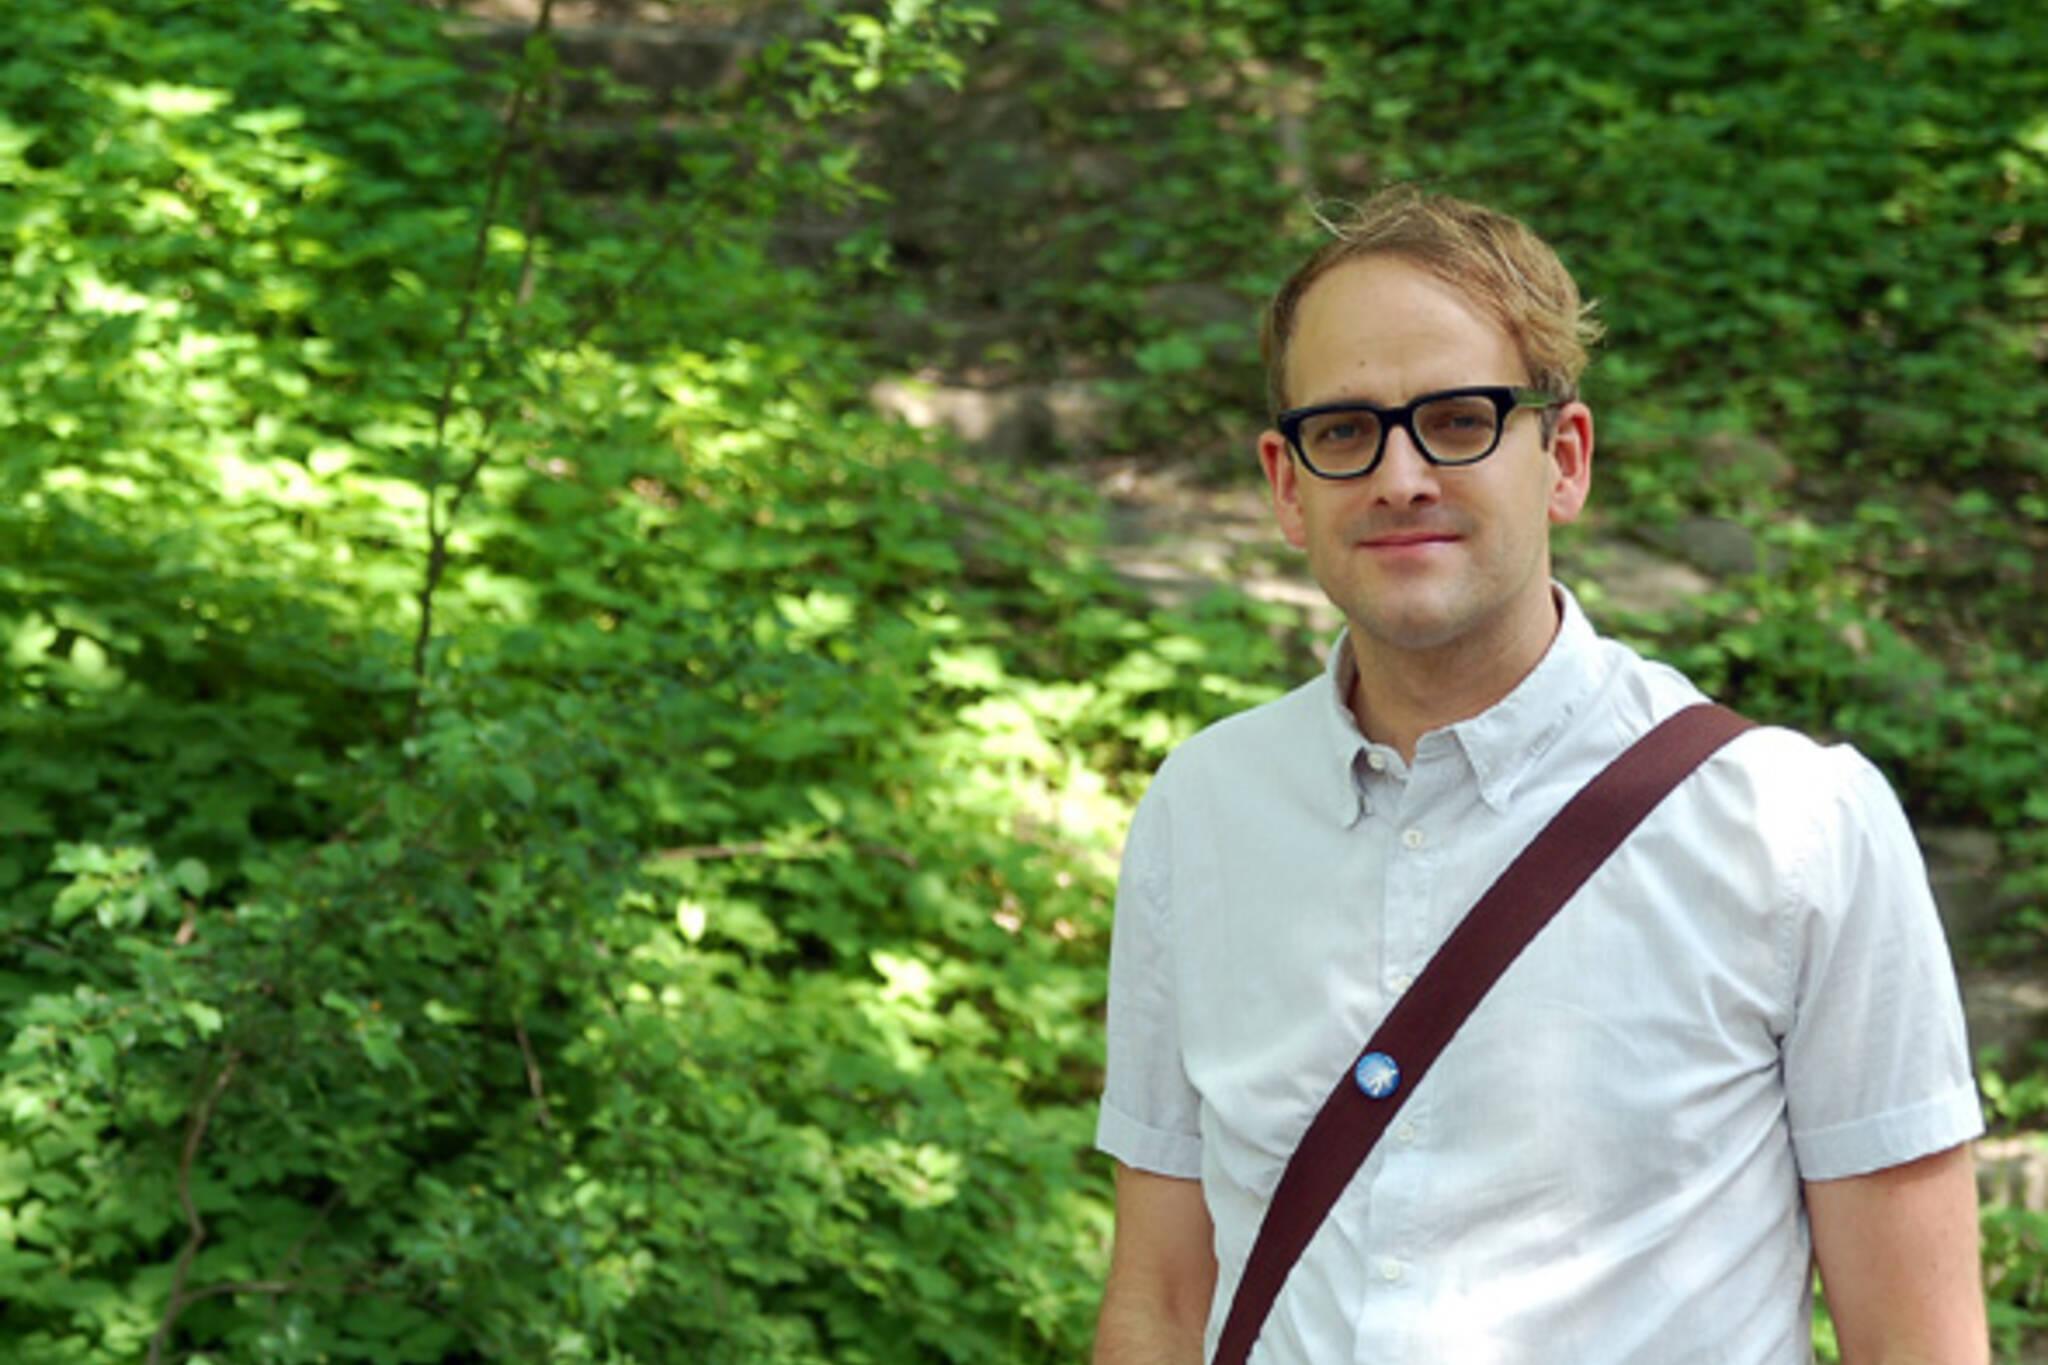 Shawn Micallef